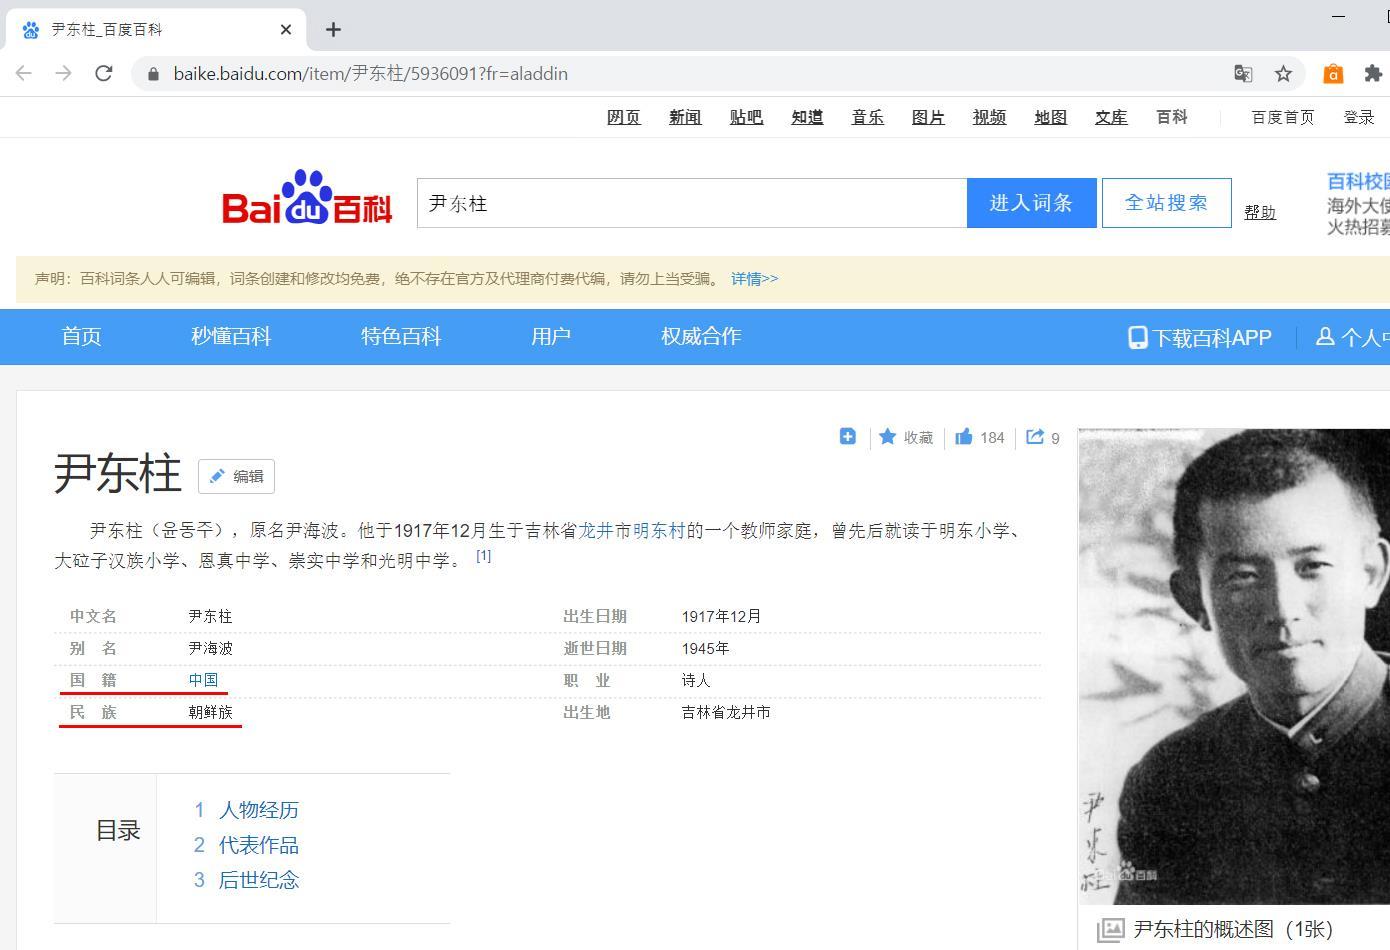 중국 바이두 백과사전에서 윤동주를 검색하면 국적을 '중국(中國)'으로, 민족을 '조선족(朝鮮族)'으로 표기(빨간색 밑줄 친 부분)하고 있다. 사진 서경덕 교수팀